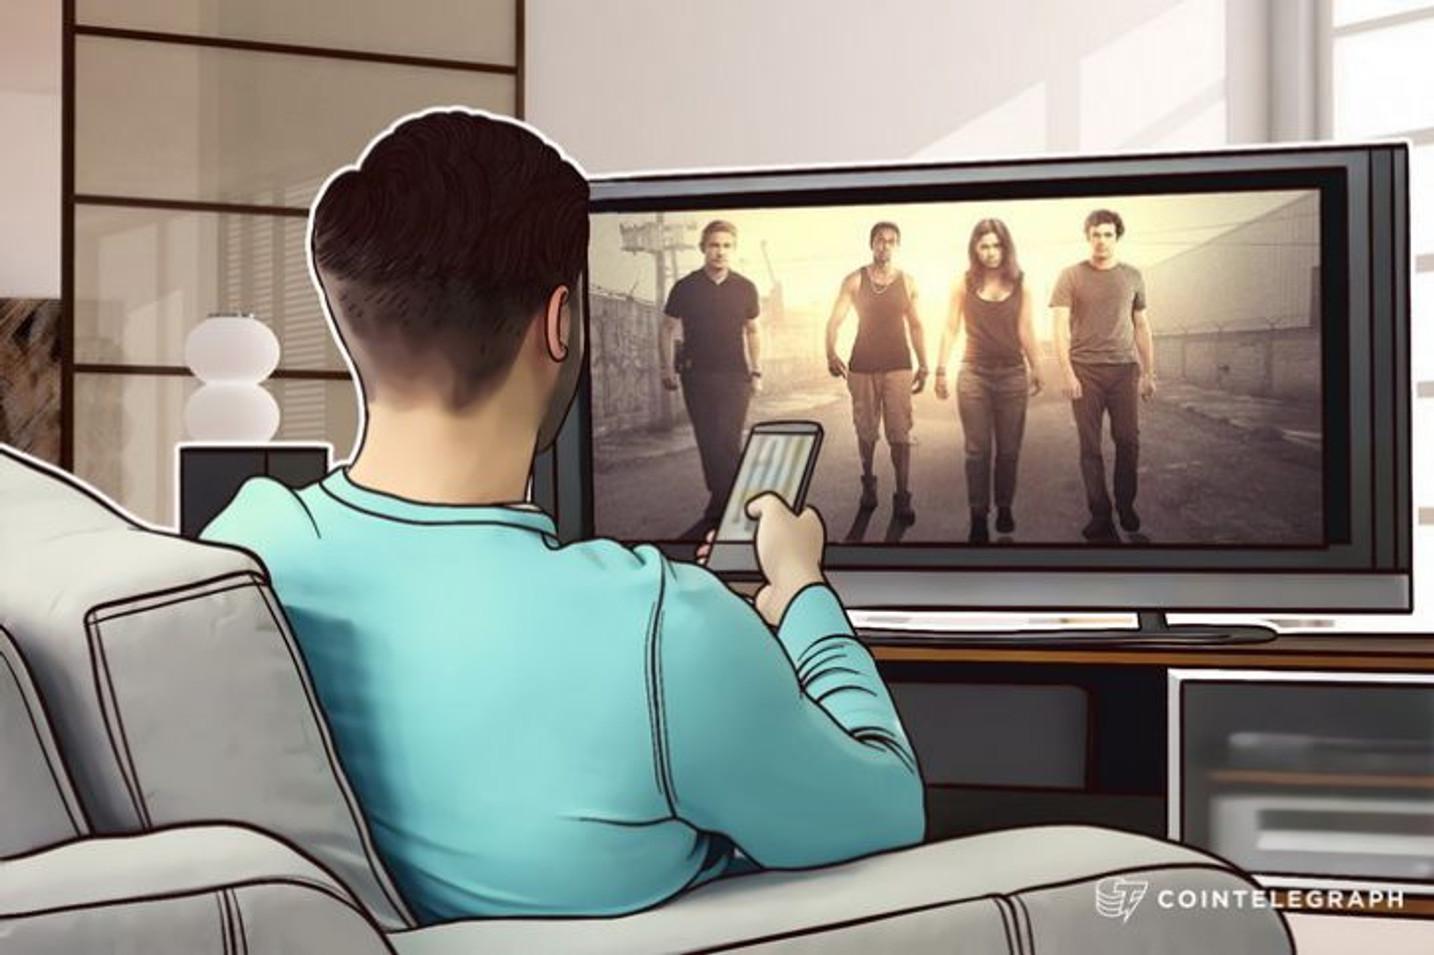 ビットコインのような仮想通貨を題材にした新しいテレビ番組のシリーズ放送がスタート